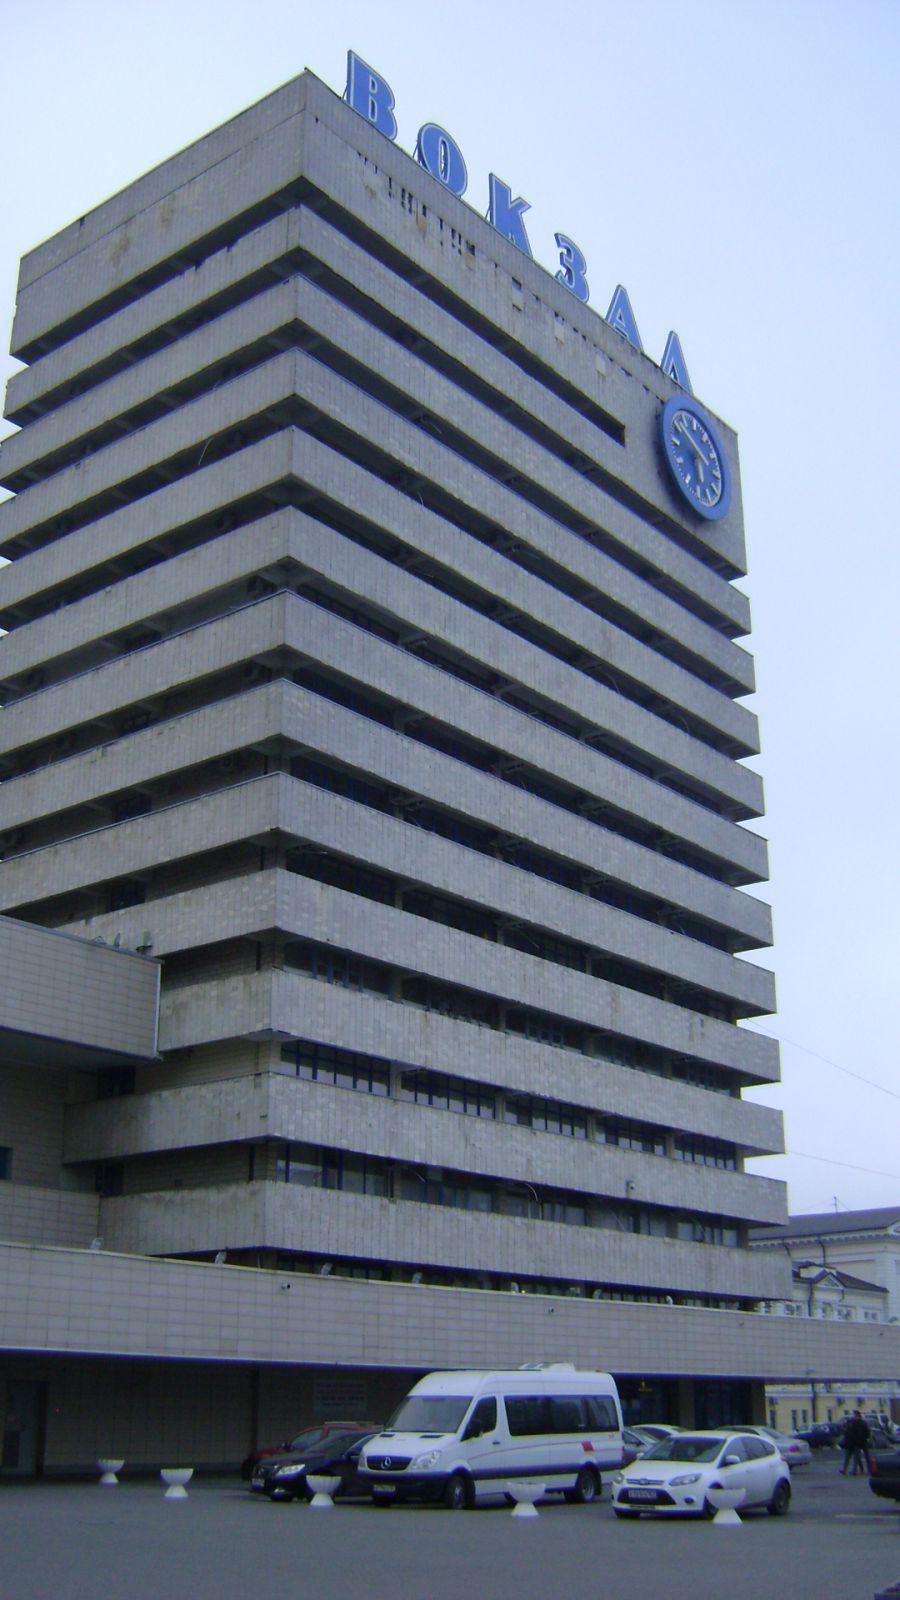 Передвижной выставочный комплекс РЖД прибыл на главный вокзал донской столицы.